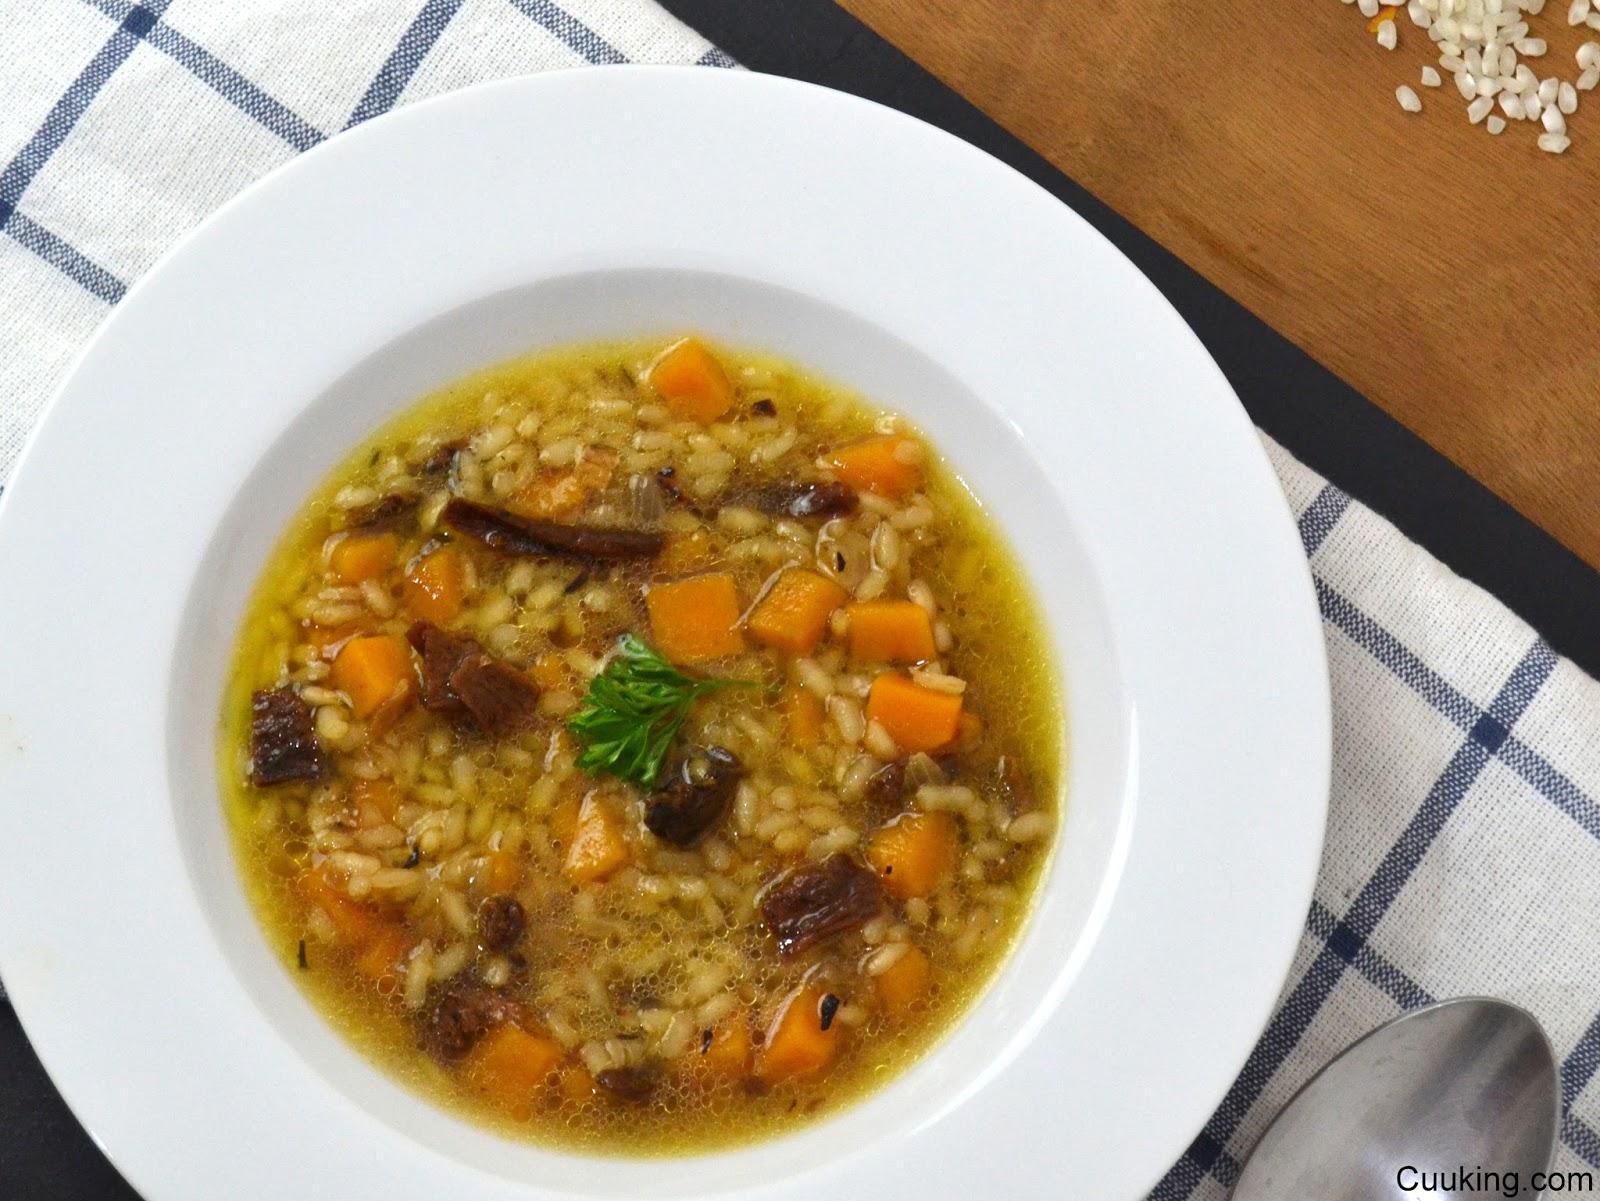 Arroz Caldoso Con Setas Y Pollo arroz caldoso con calabaza y setas | cuuking! recetas de cocina